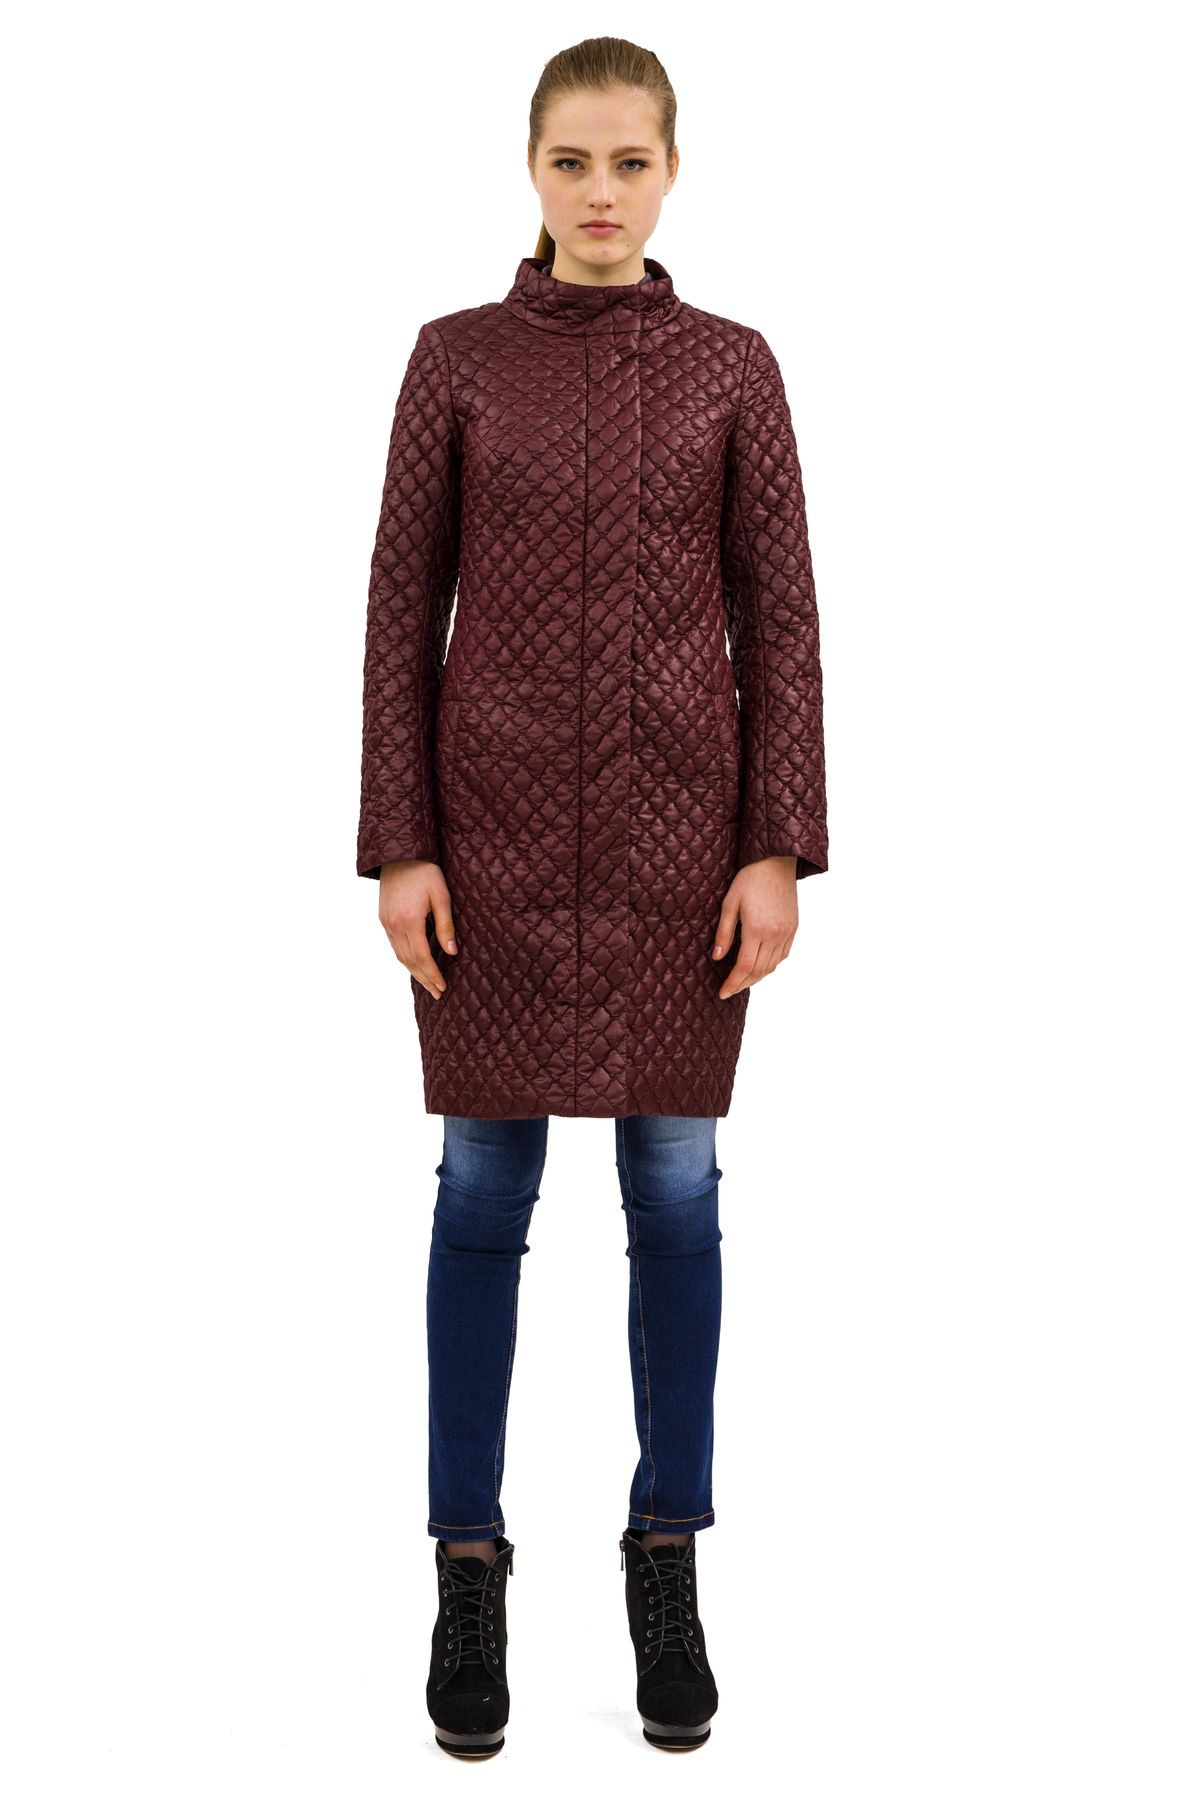 ПальтоЖенские куртки, плащи, пальто<br>Bосхитительный вариант для тех, кто предпочитает стильные решения - элегантное пальтоDoctor Eсдержанного модного дизайна, который подчеркнет Ваш безупречный вкус.<br><br>Цвет: бордовый <br>Состав: 100%полиэстер, подкладка - 100%полиэстер<br>Размер: 40,50<br>Страна дизайна: Россия<br>Страна производства: Россия